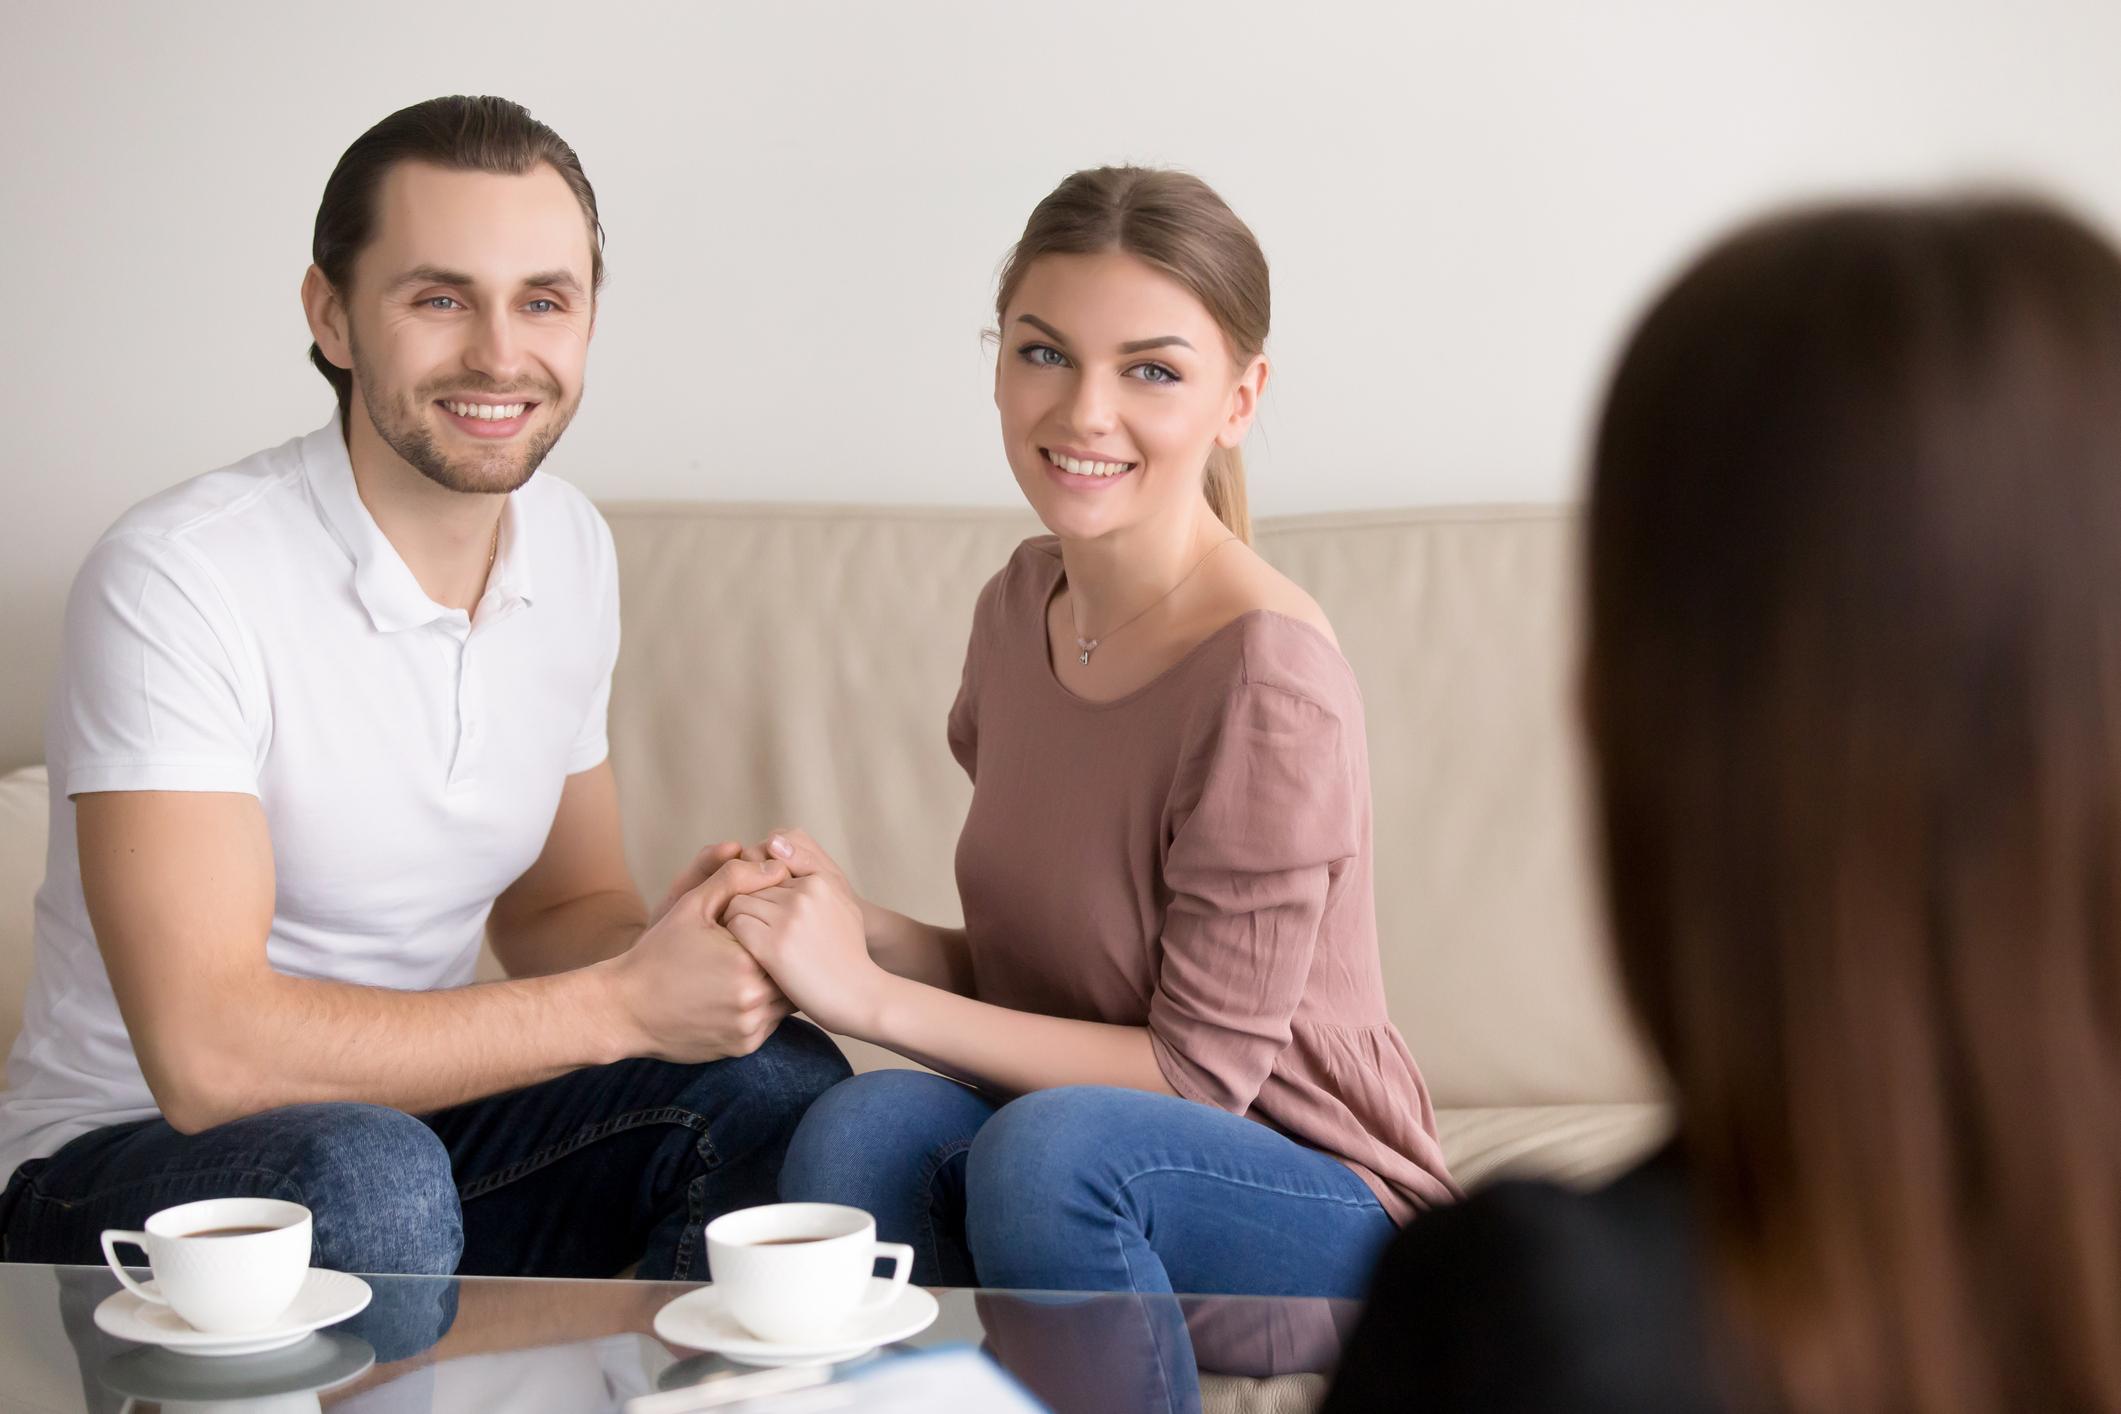 結婚式 持ち込み 可能 に する 裏技 相談